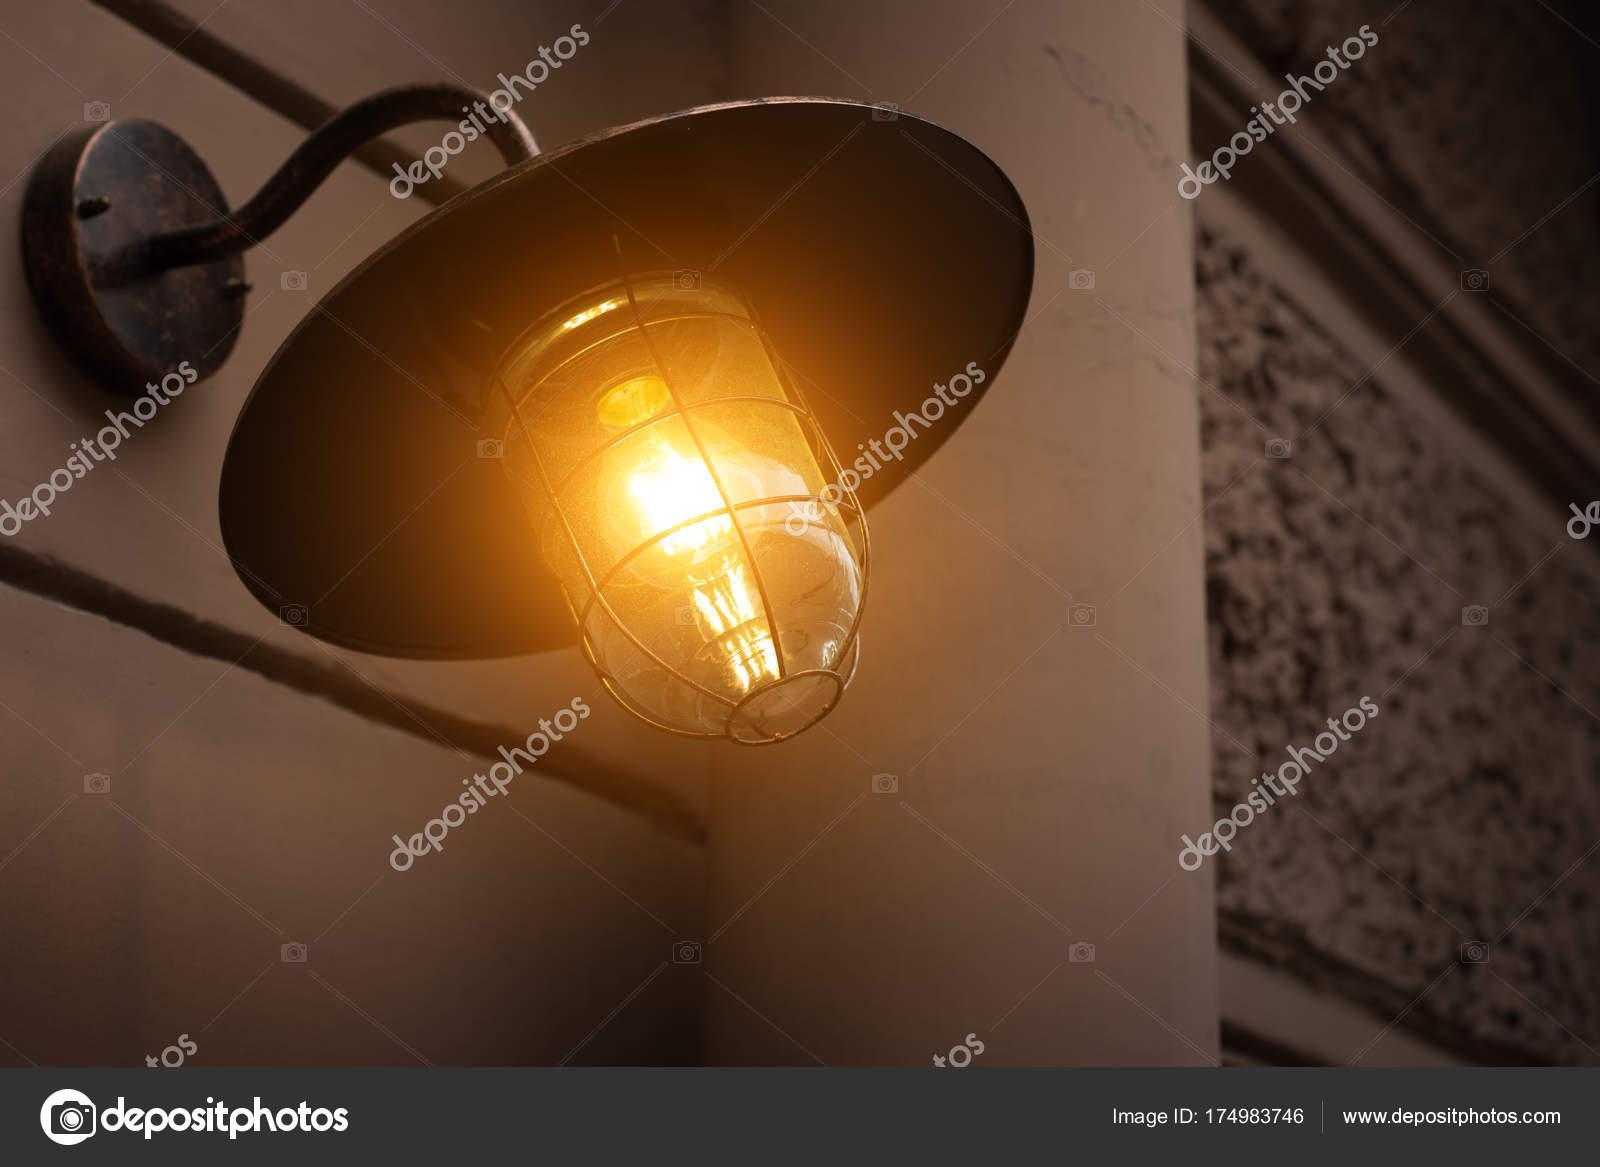 tuin verlichting met solar batterij — Stockfoto © bizoner777.gmail ...